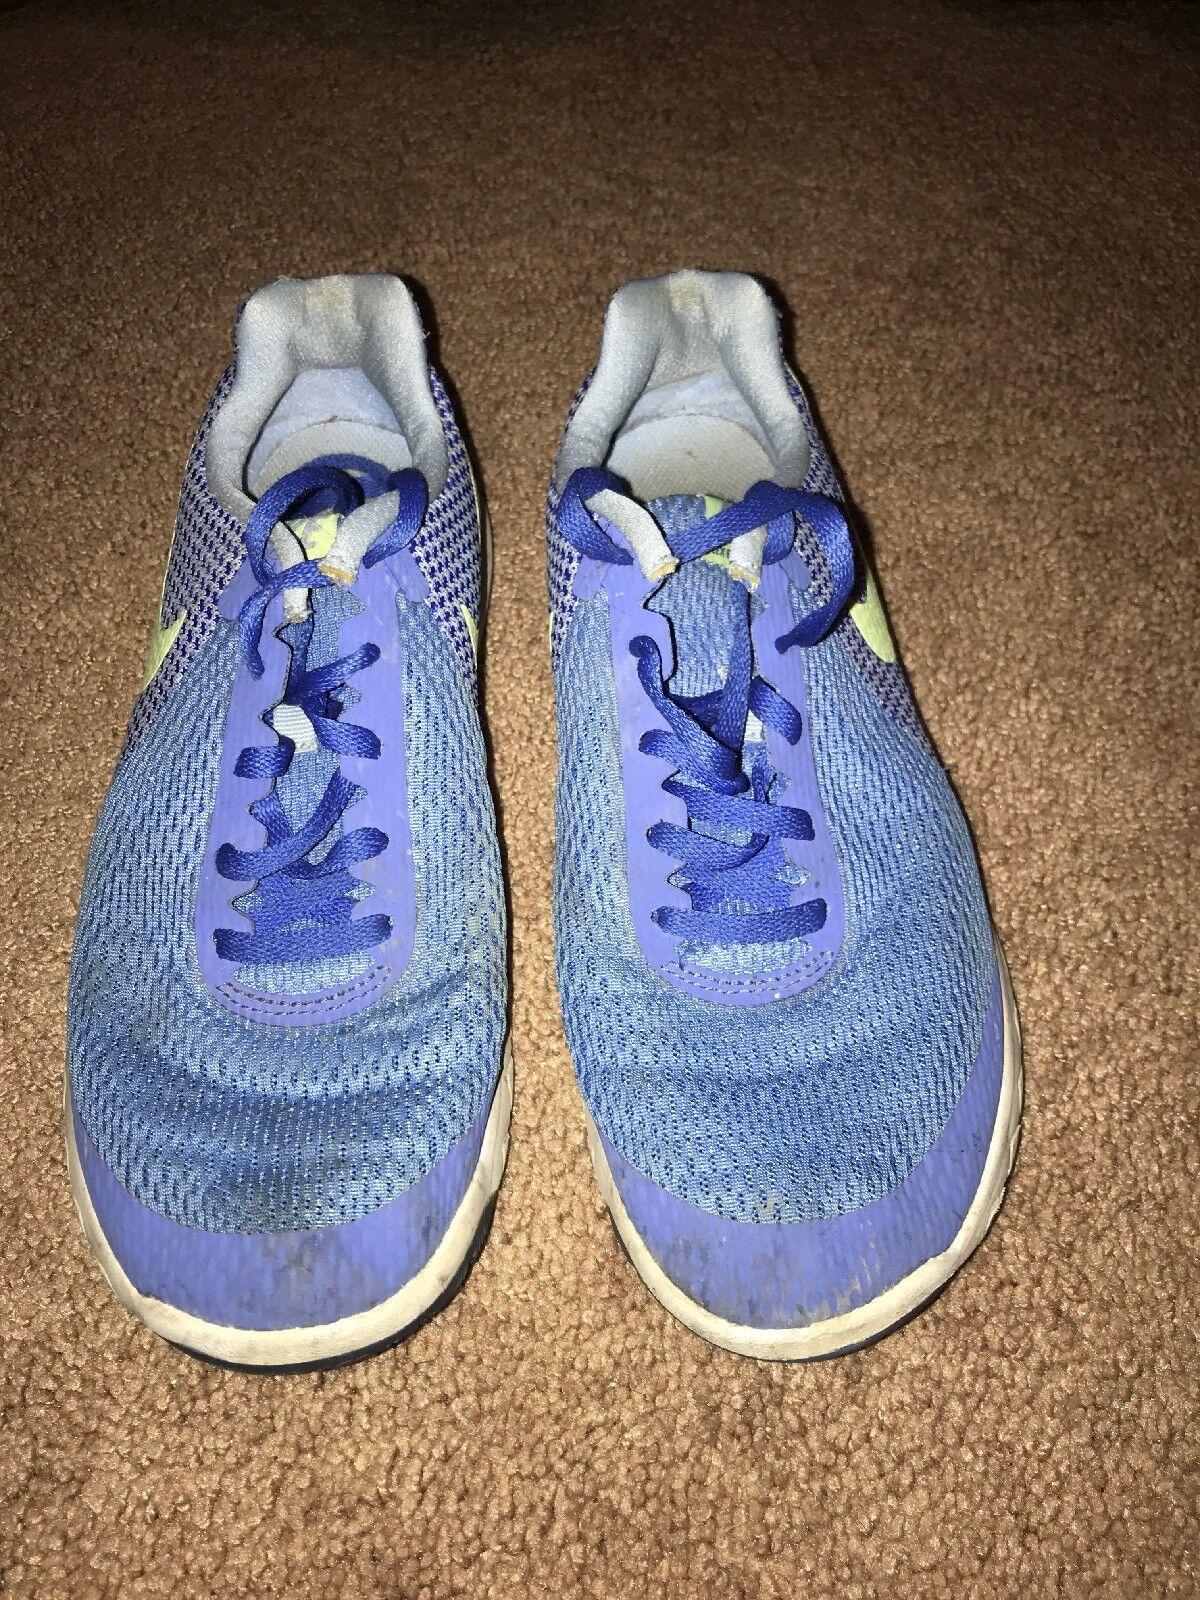 nike donne scarpe da tennis blu con luce verde verde verde - 8 | Online Store  | Regalo ideale per tutte le occasioni  | Colori vivaci  | Uomo/Donna Scarpa  | Uomo/Donne Scarpa  | Scolaro/Signora Scarpa  79b5db